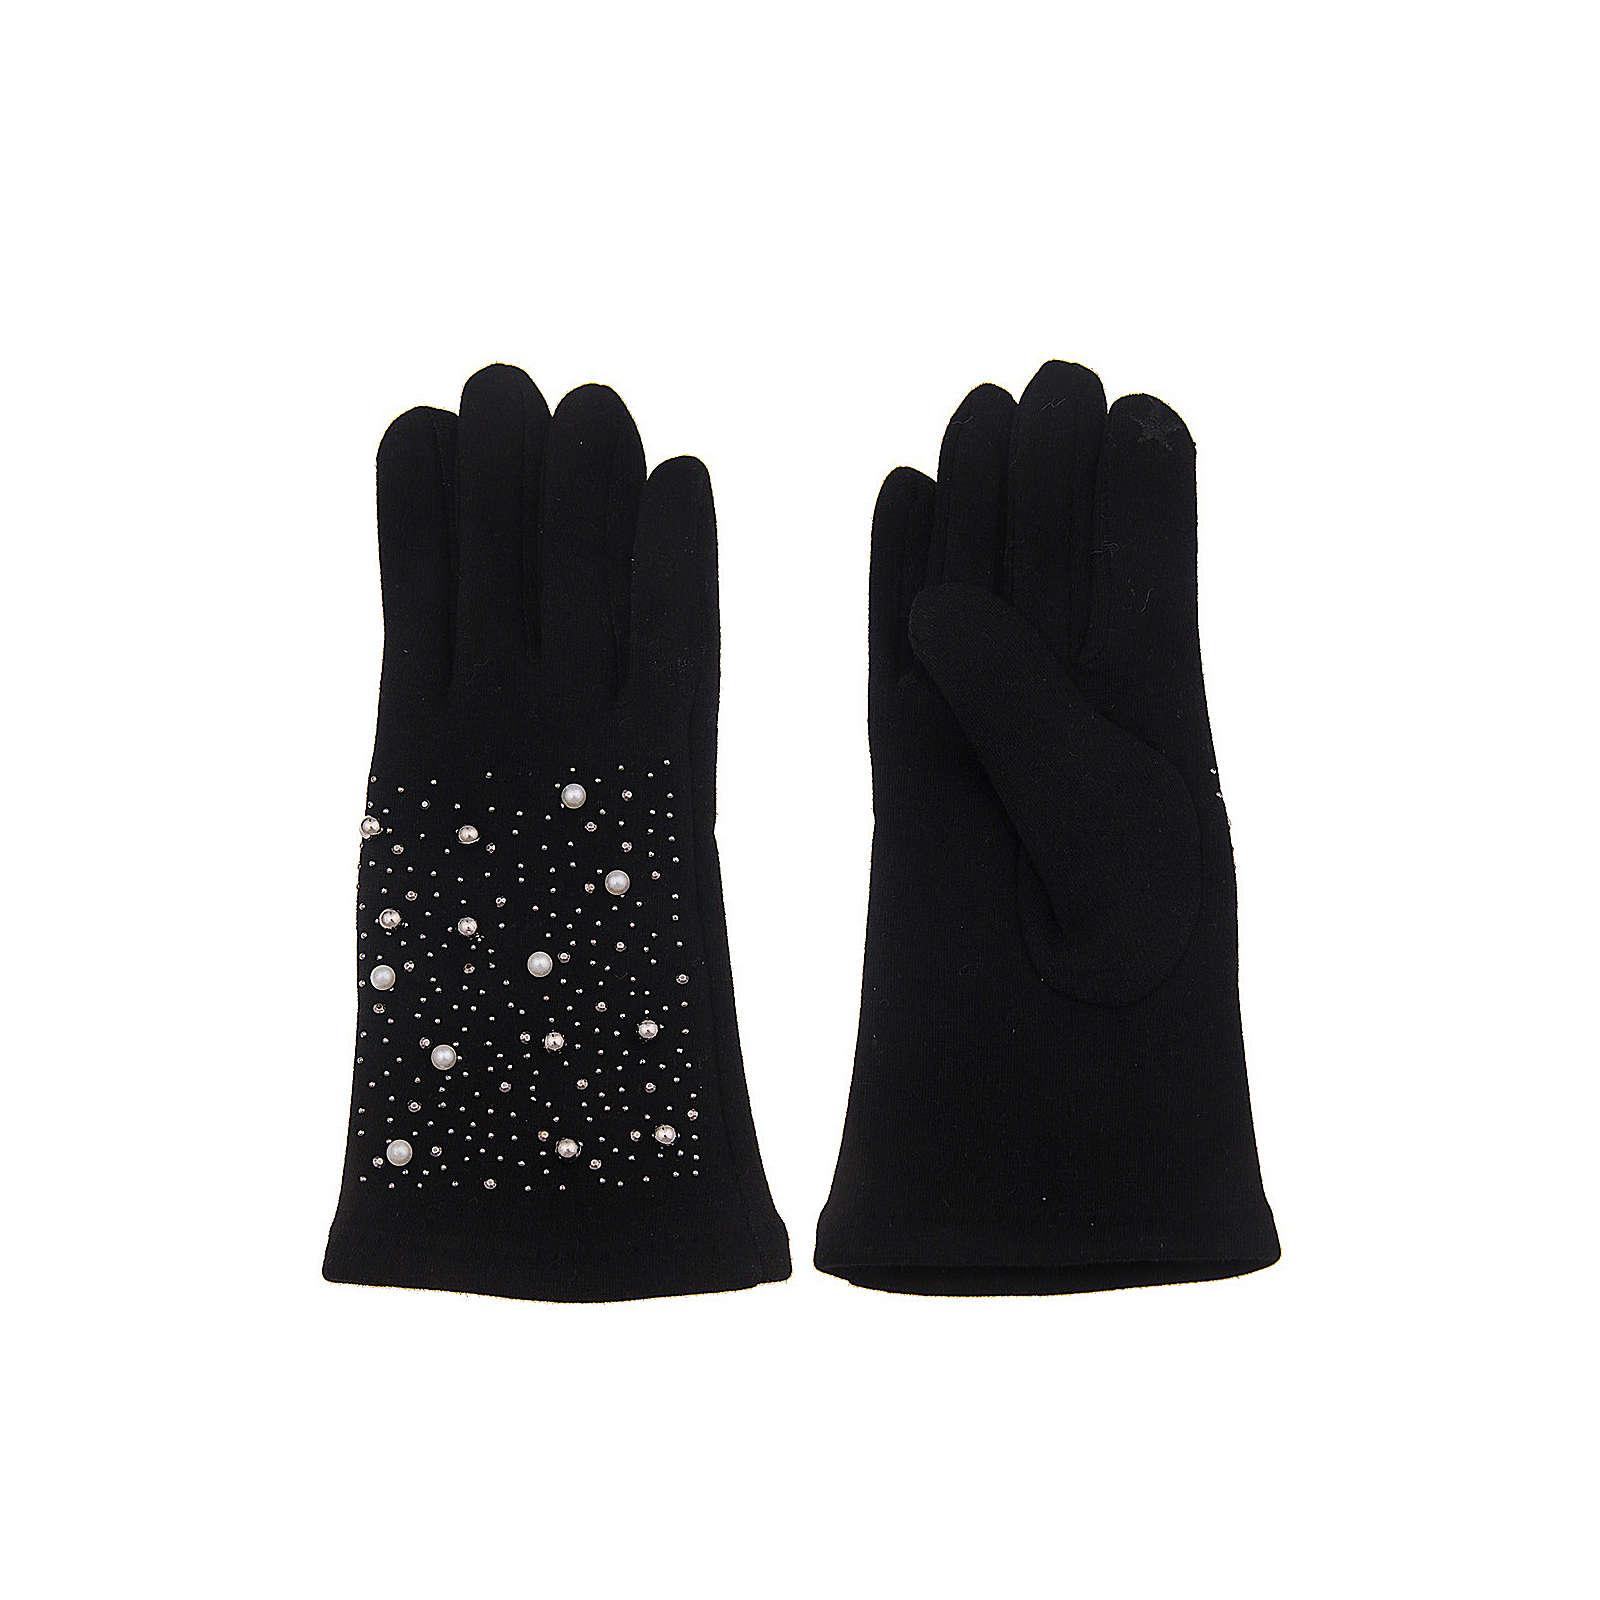 Leslii Fingerhandschuh mit praktischer Touchscreen-Funktion Fingerhandschuhe schwarz/weiß Damen